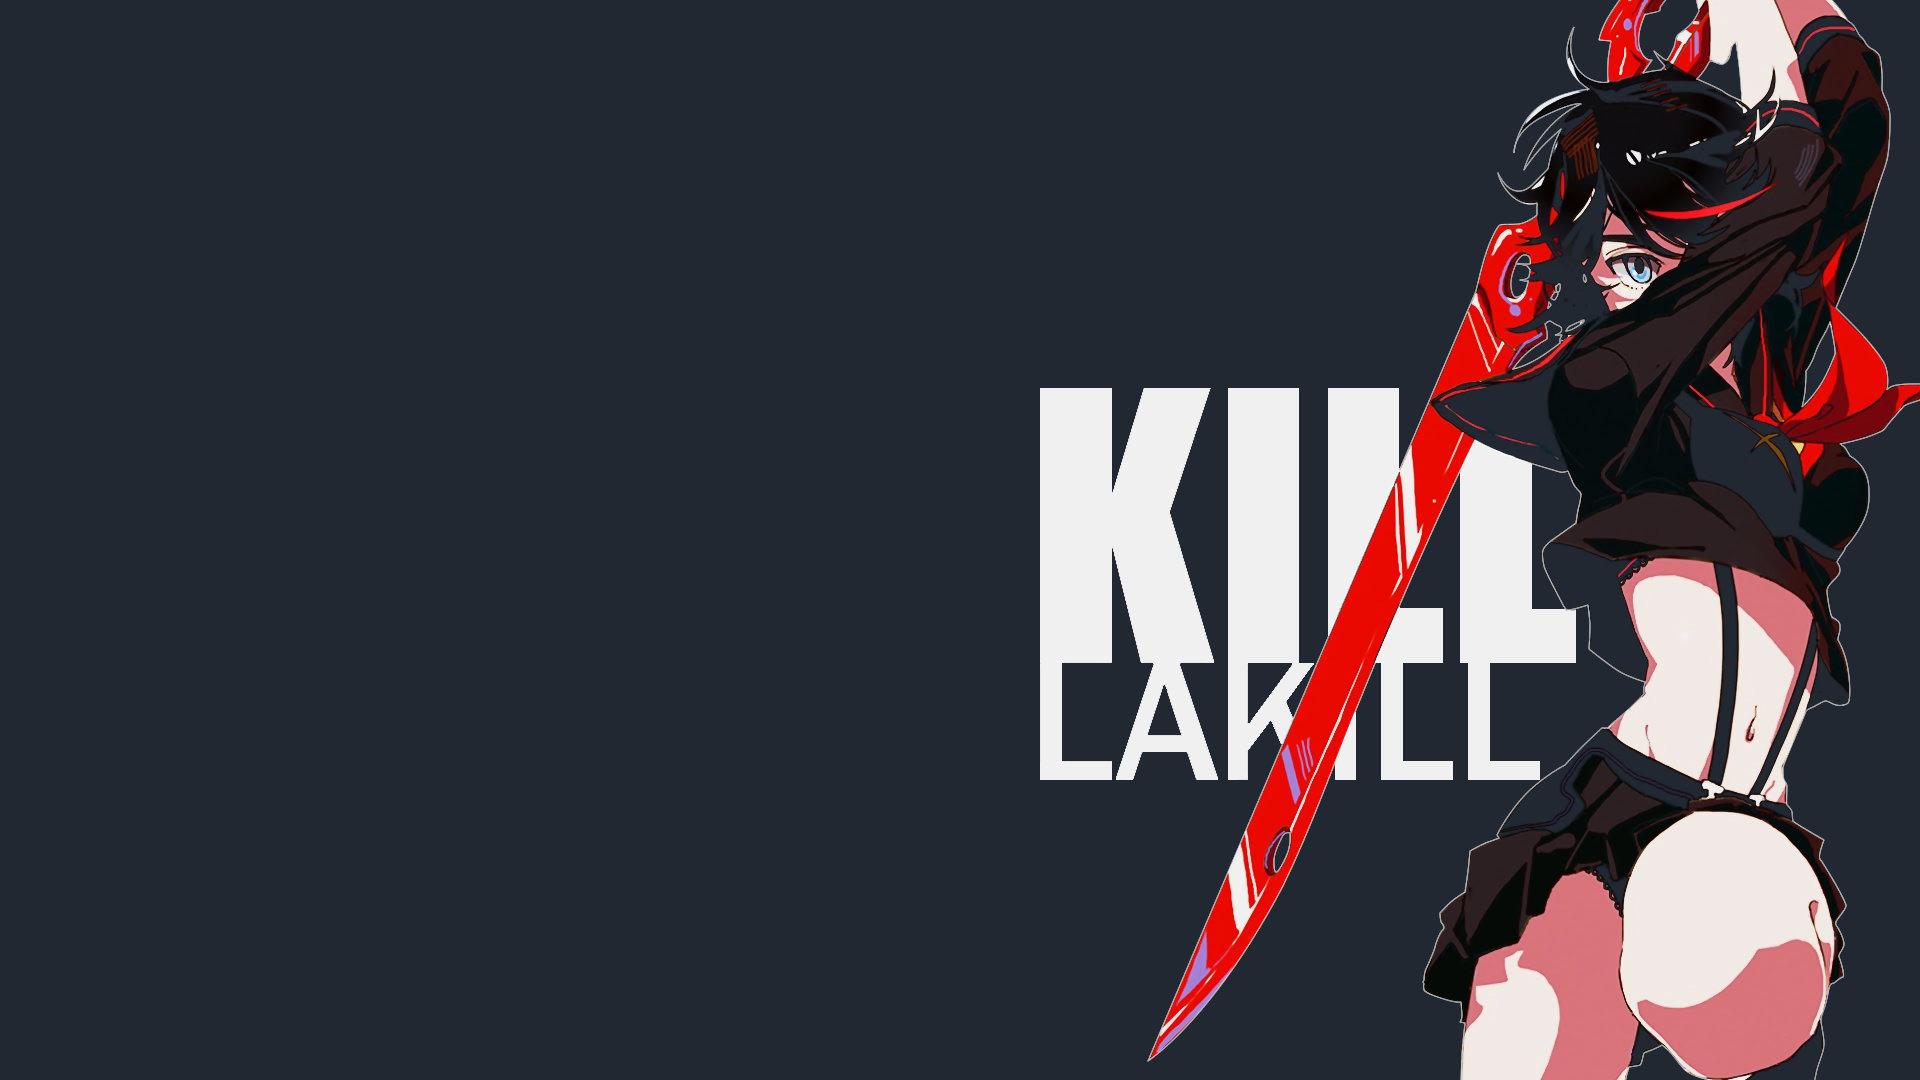 Полуголые девушки, режим истории и испытания — новые подробности файтинга Kill la Kill: The Game